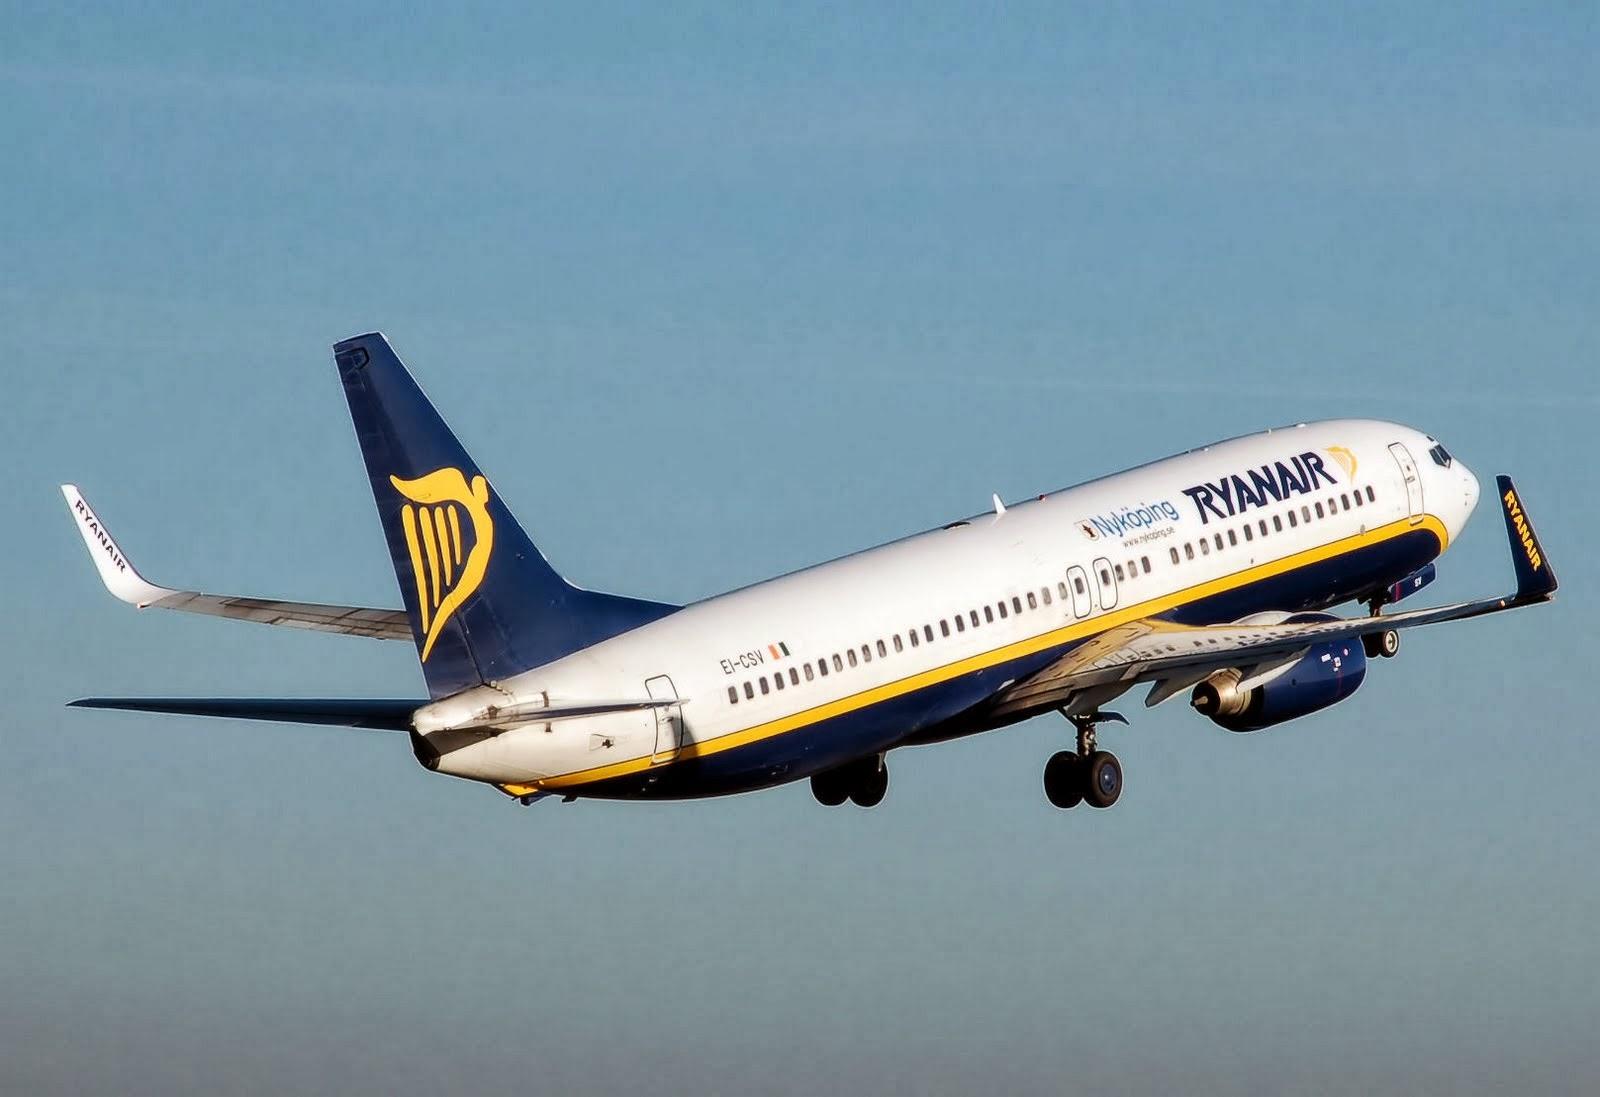 Pesawat Dijarah Gara-Gara Penerbangan Ditunda